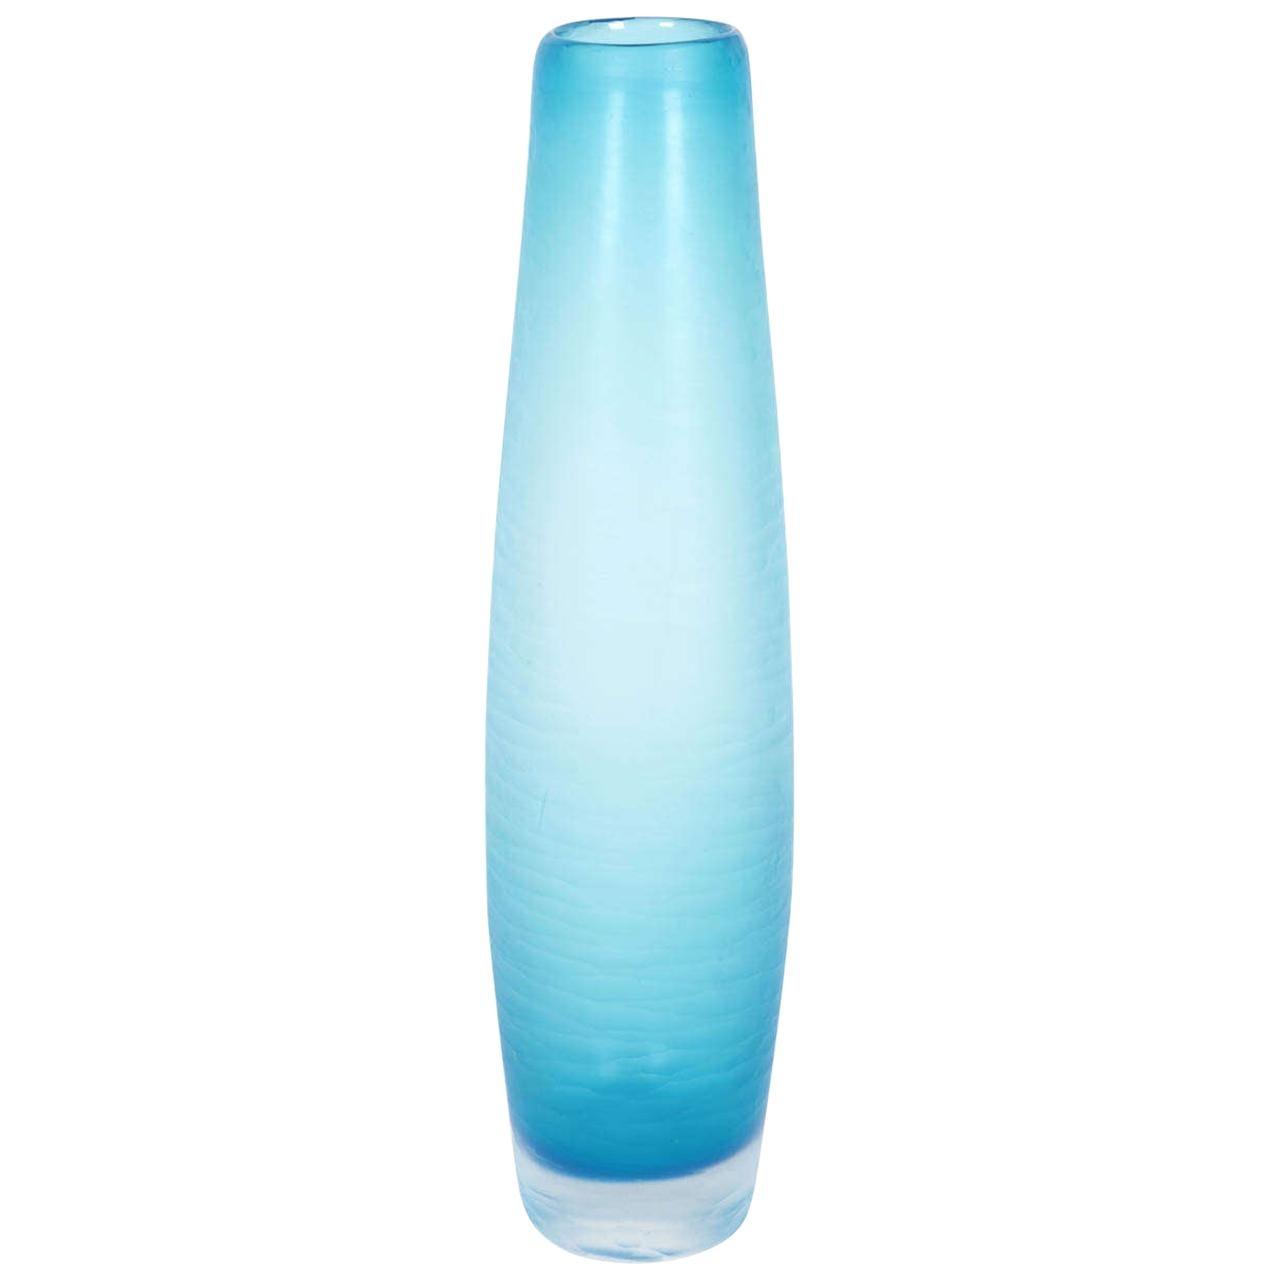 V. Nason Battuto Cut Blue Murano Glass Vase, circa 1980s-1990s